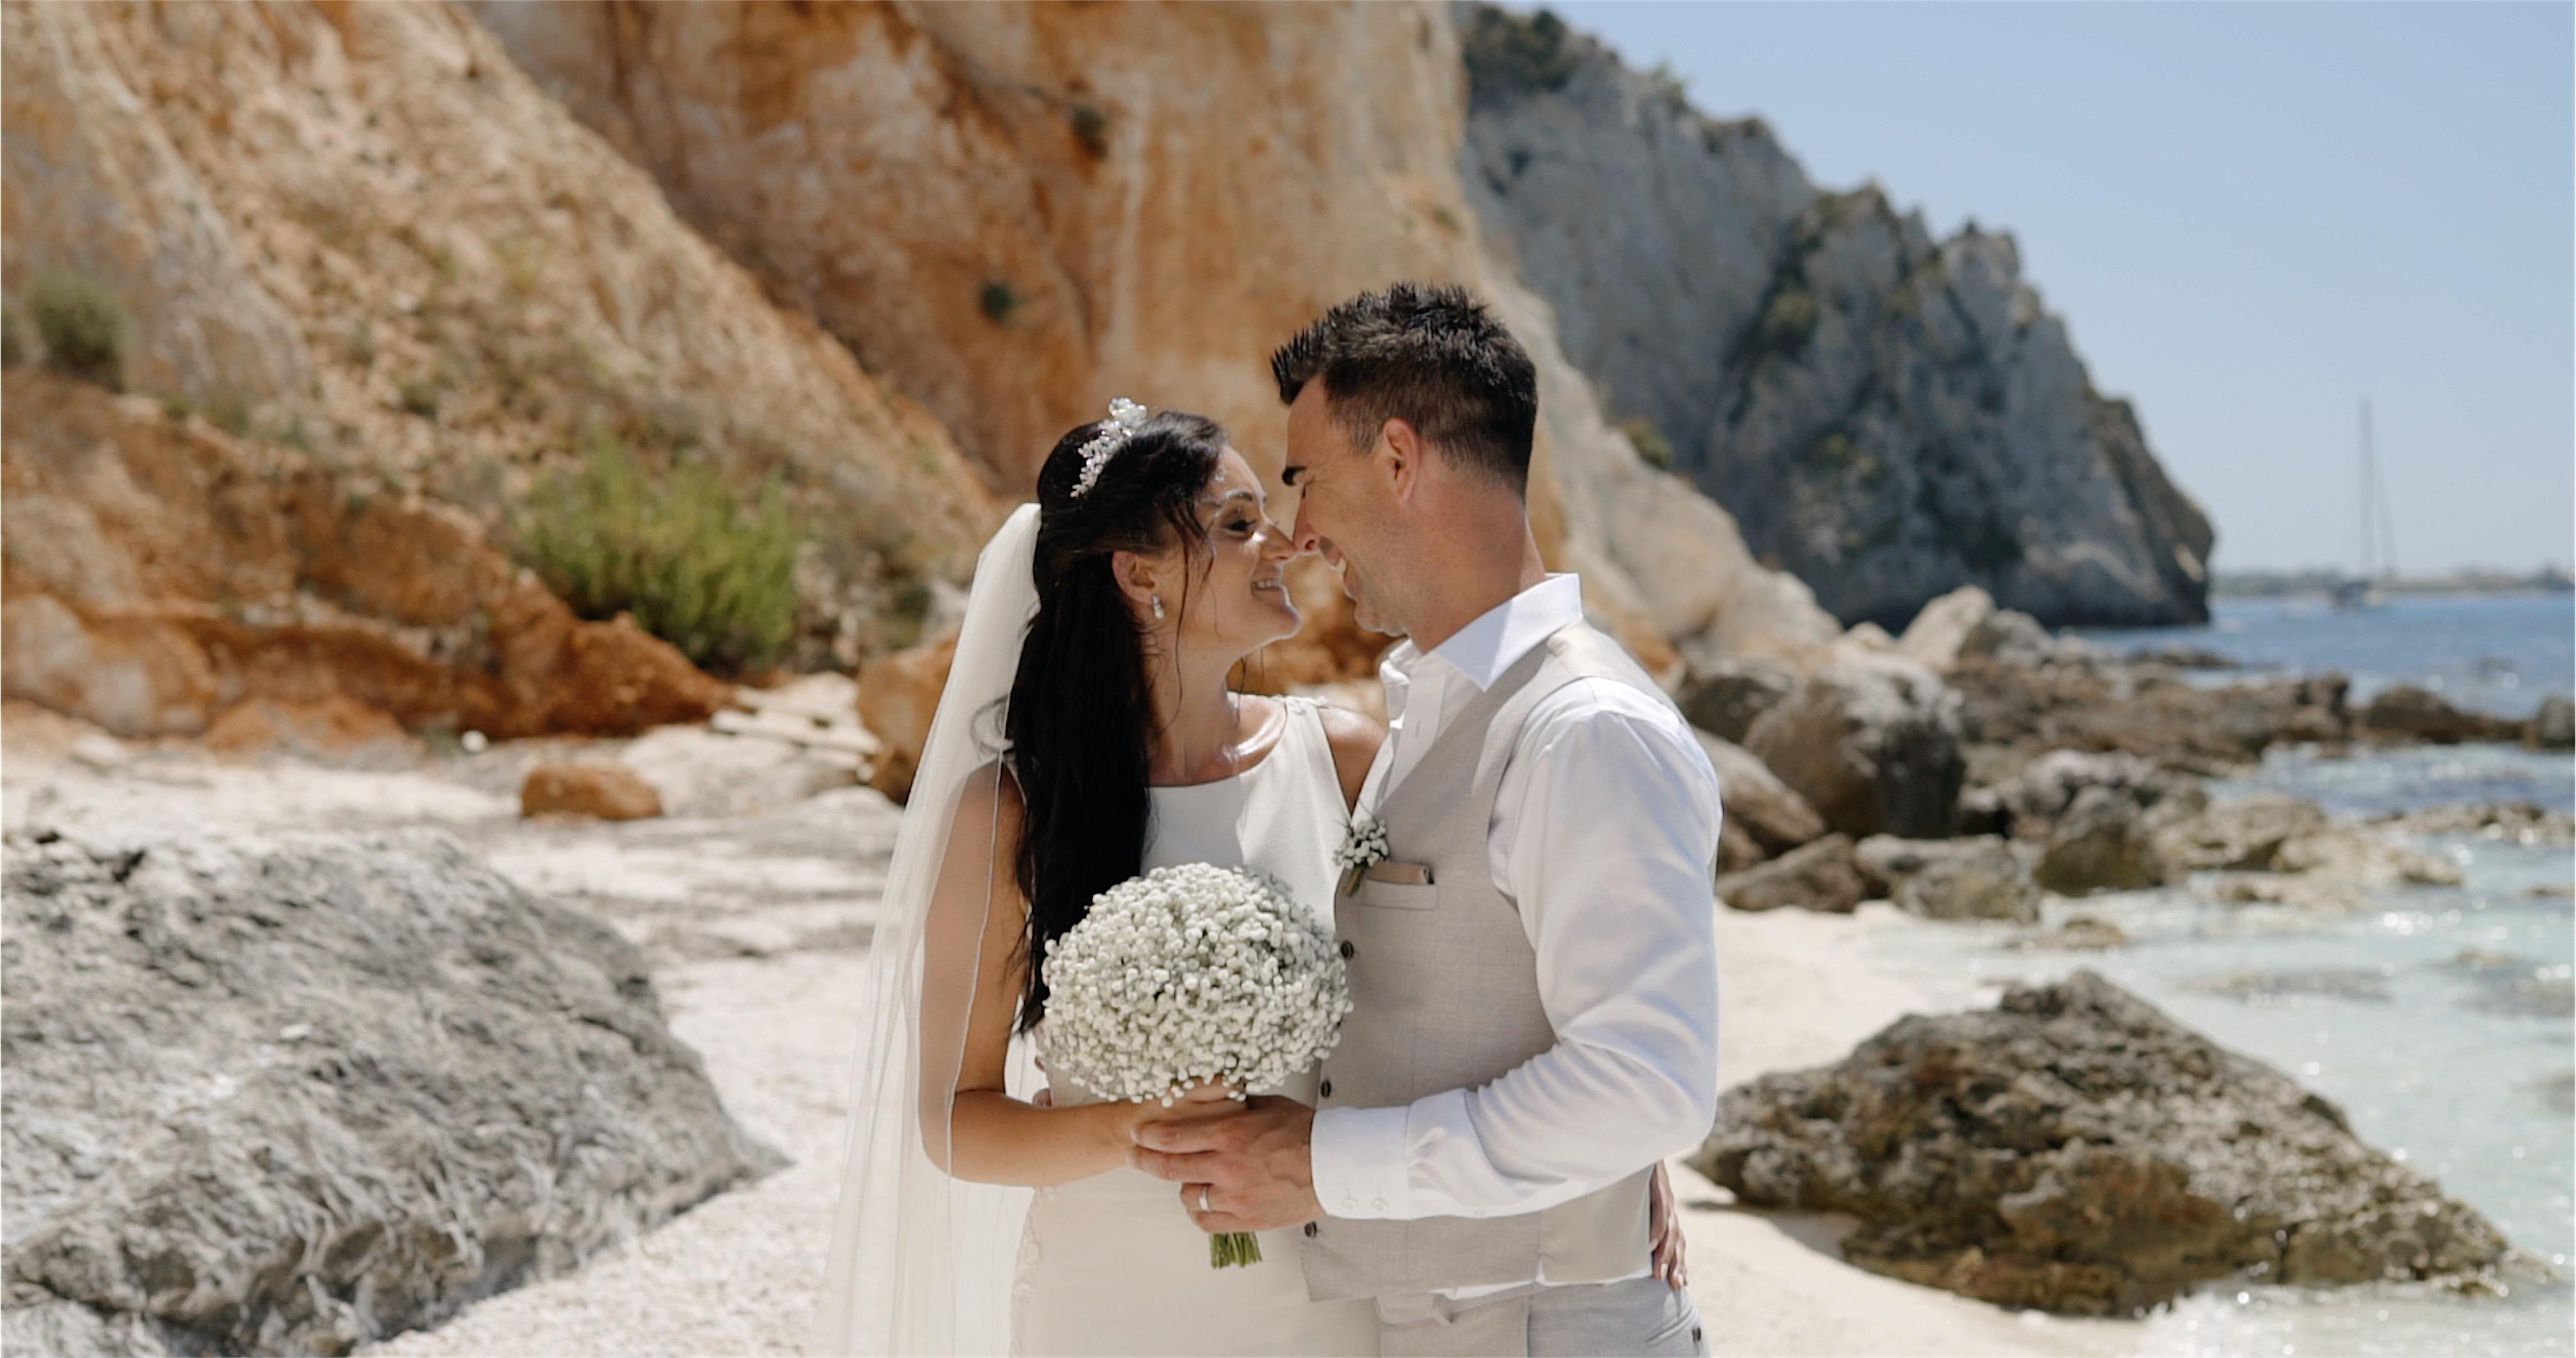 Lucinda + Matthew | Greece, Greece | a beach